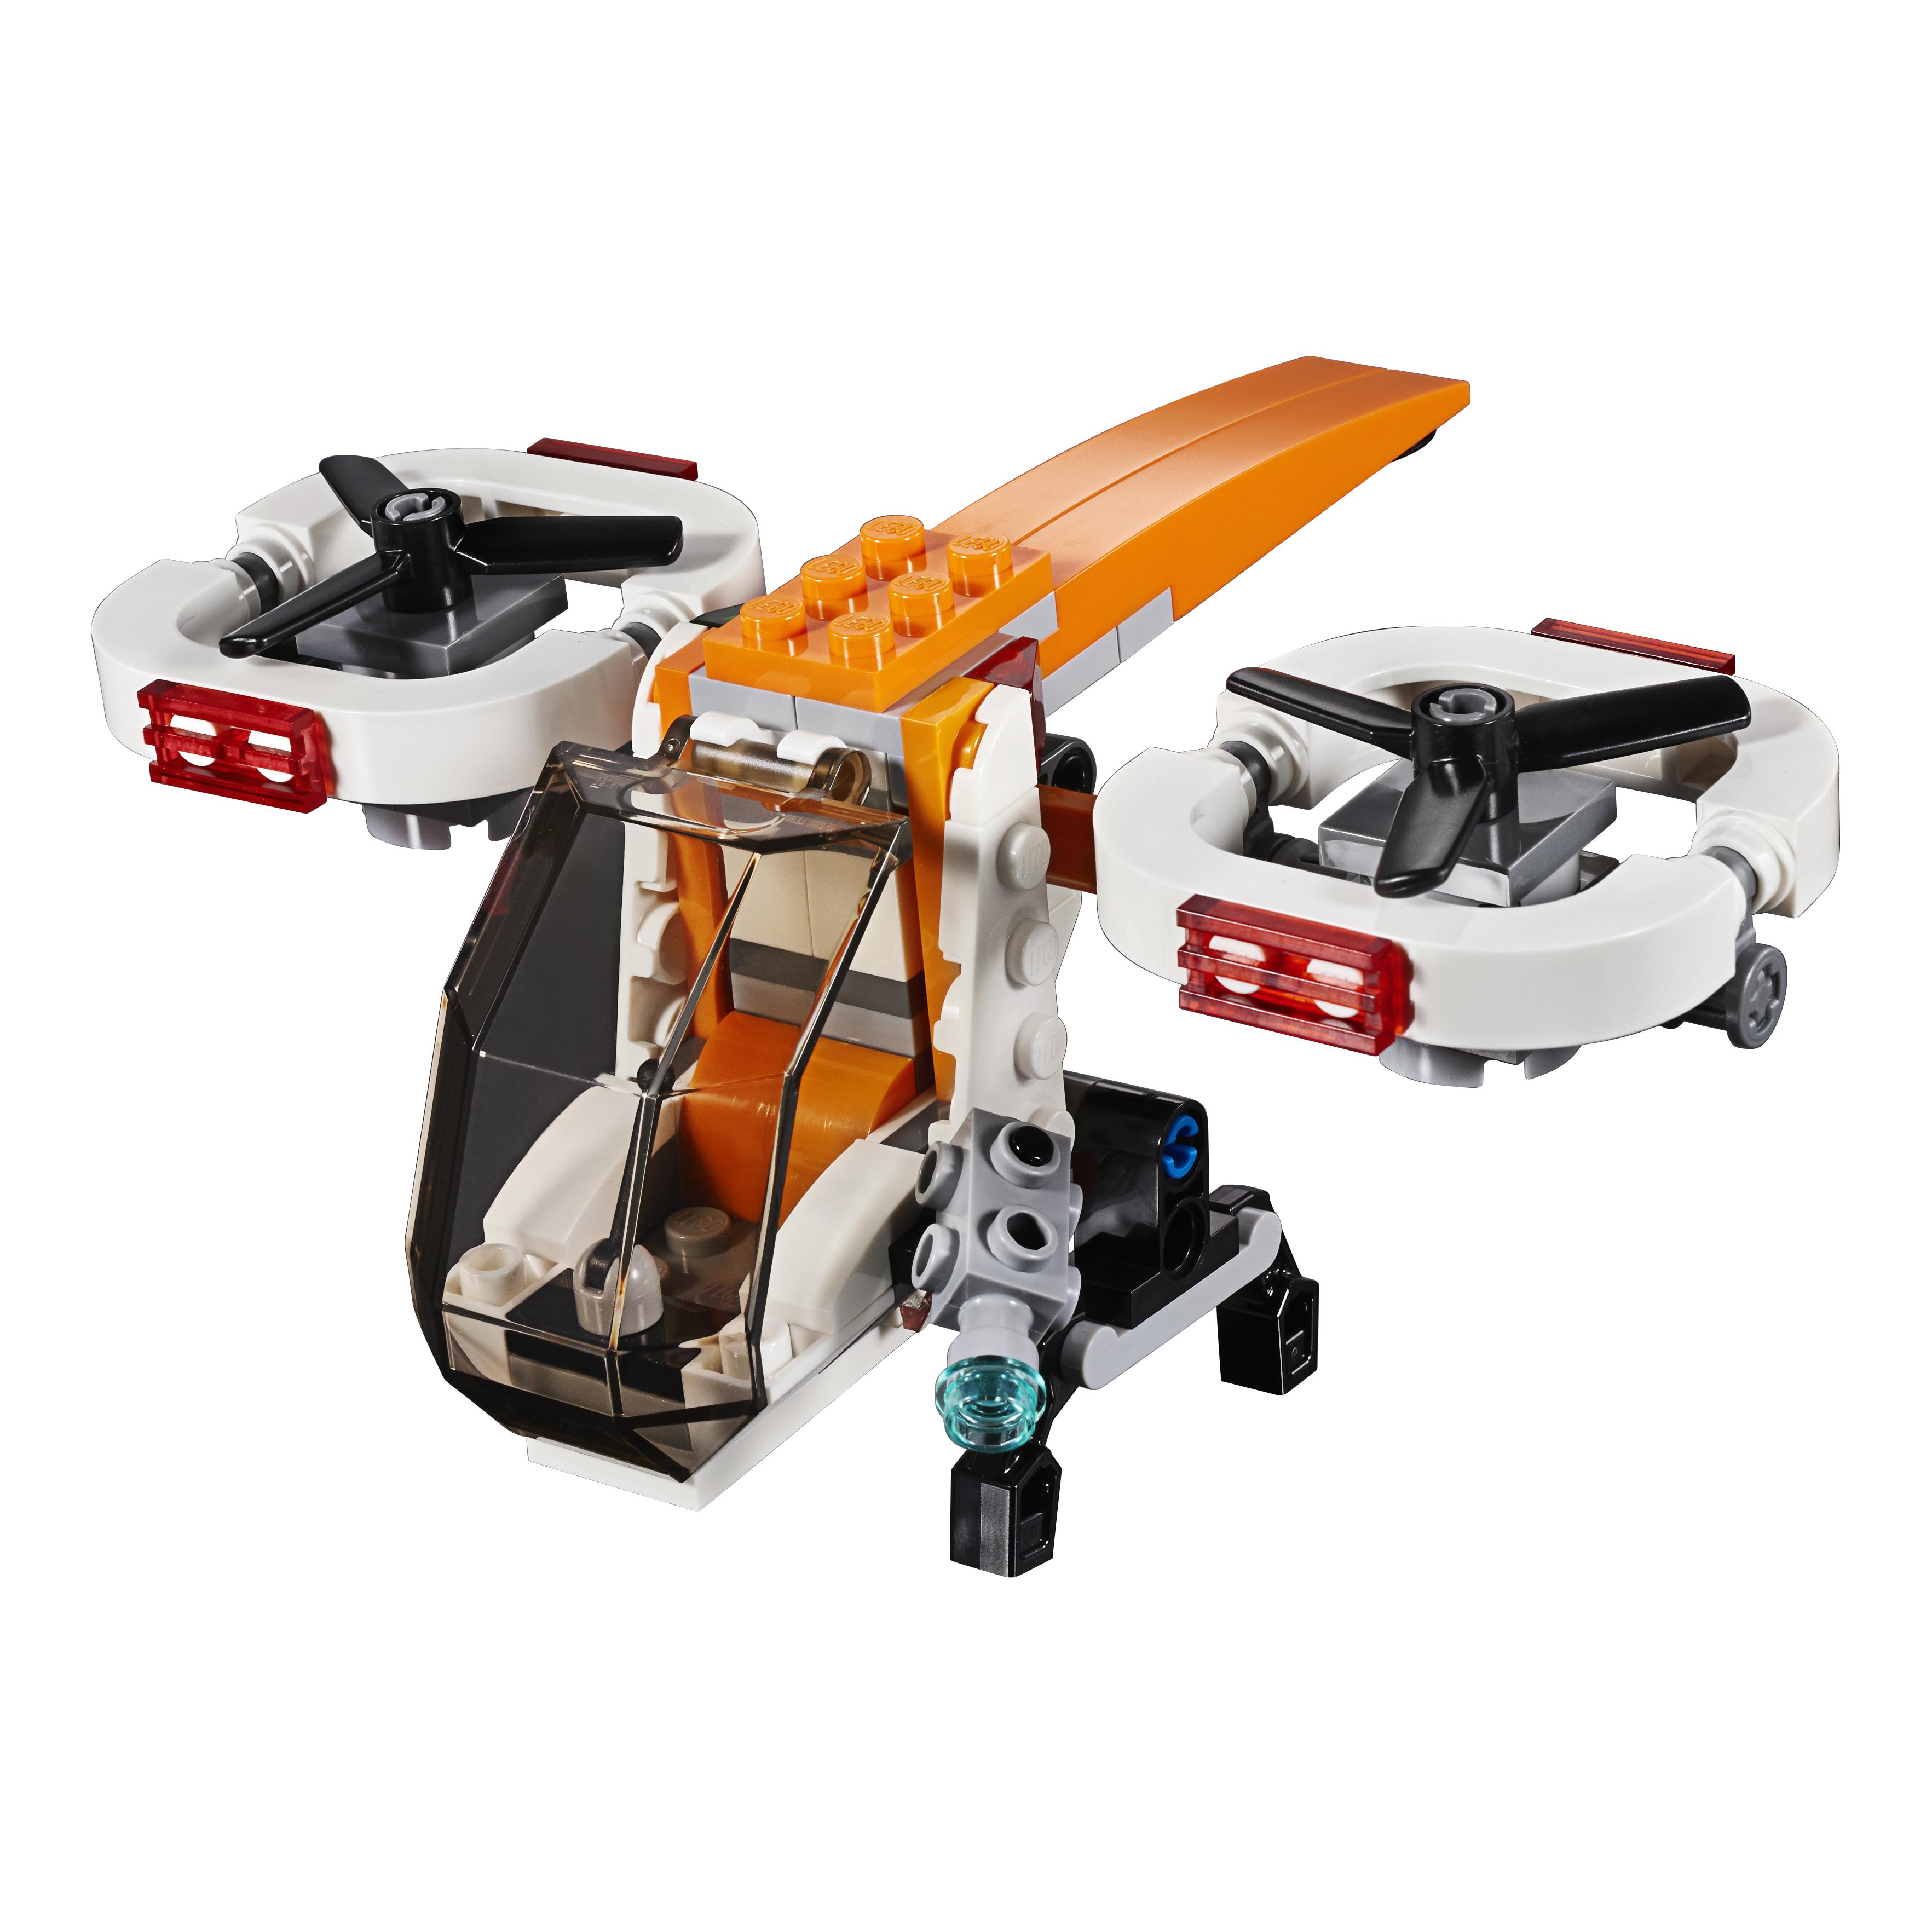 Купить Конструктор lego creator дрон-разведчик (31071), Конструктор LEGO Creator Дрон-разведчик (31071)